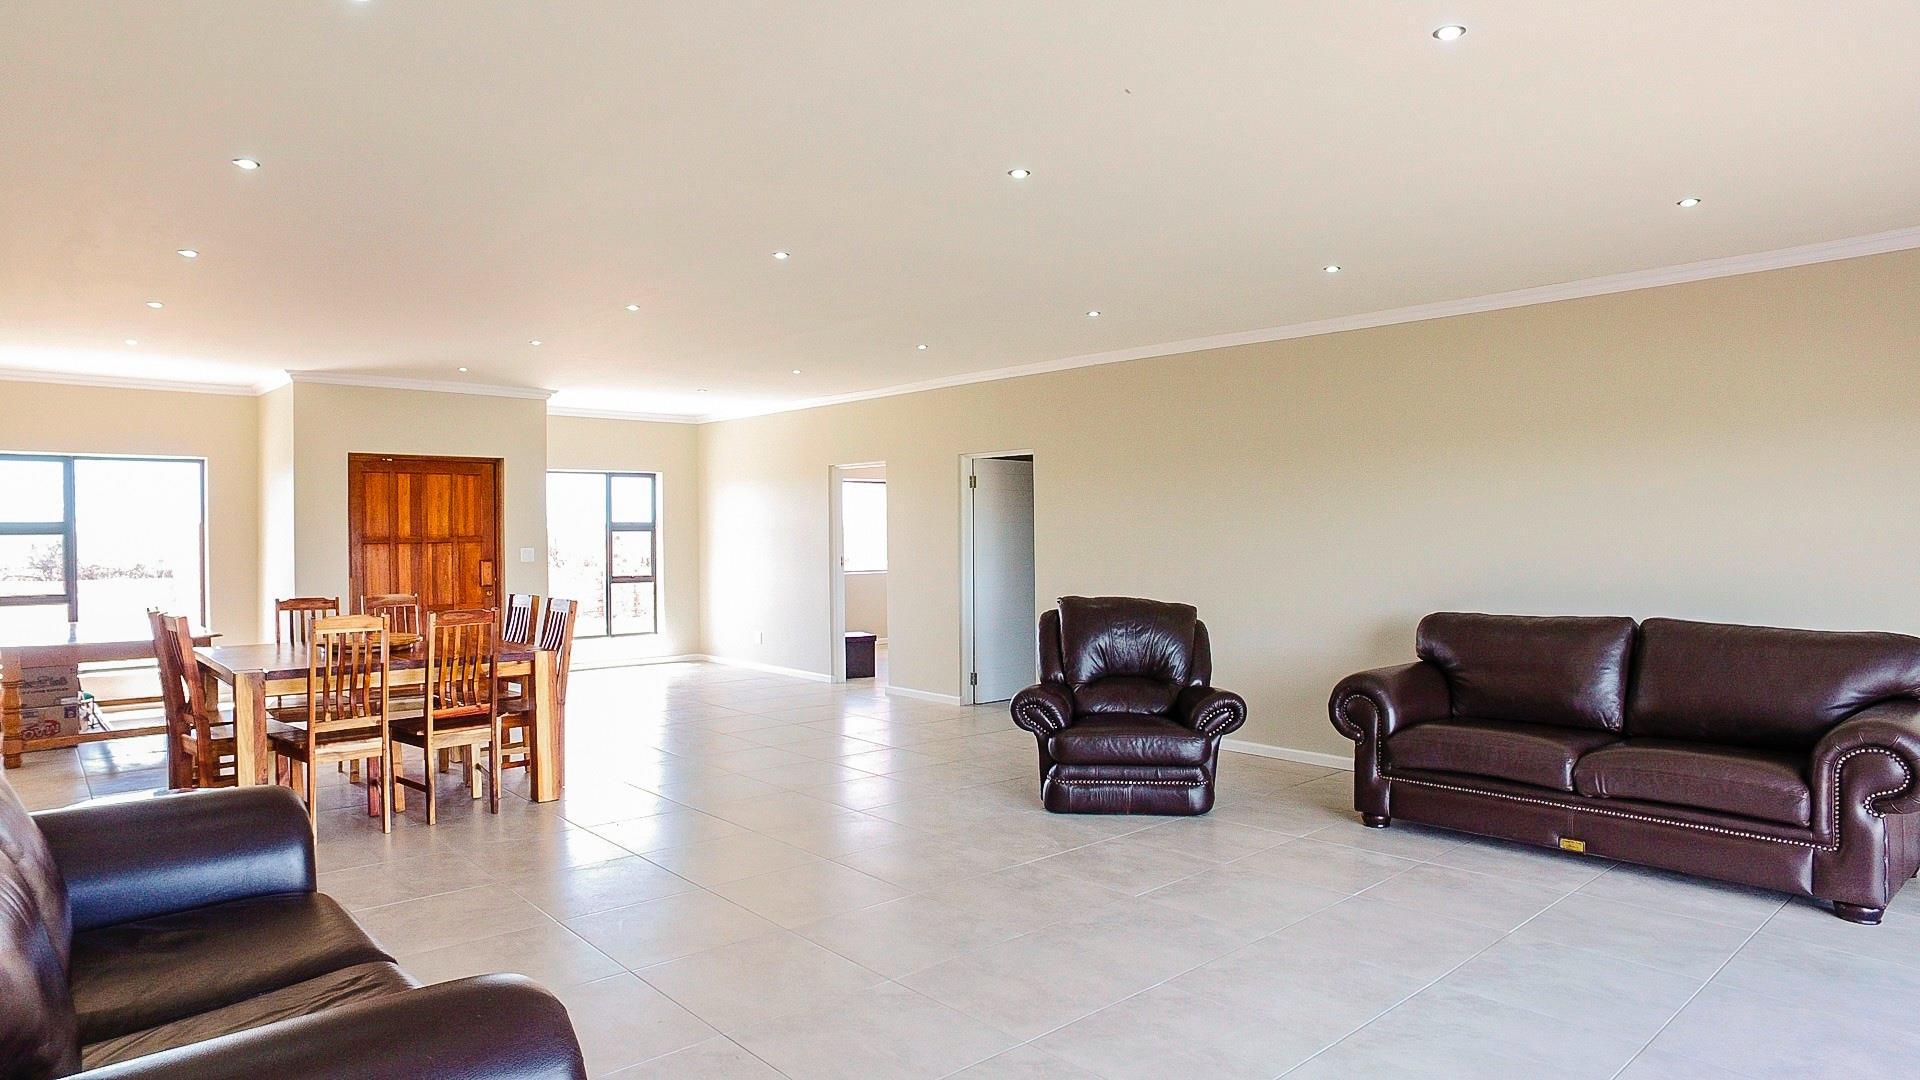 4 Bedroom House For Sale in Cradock Heights